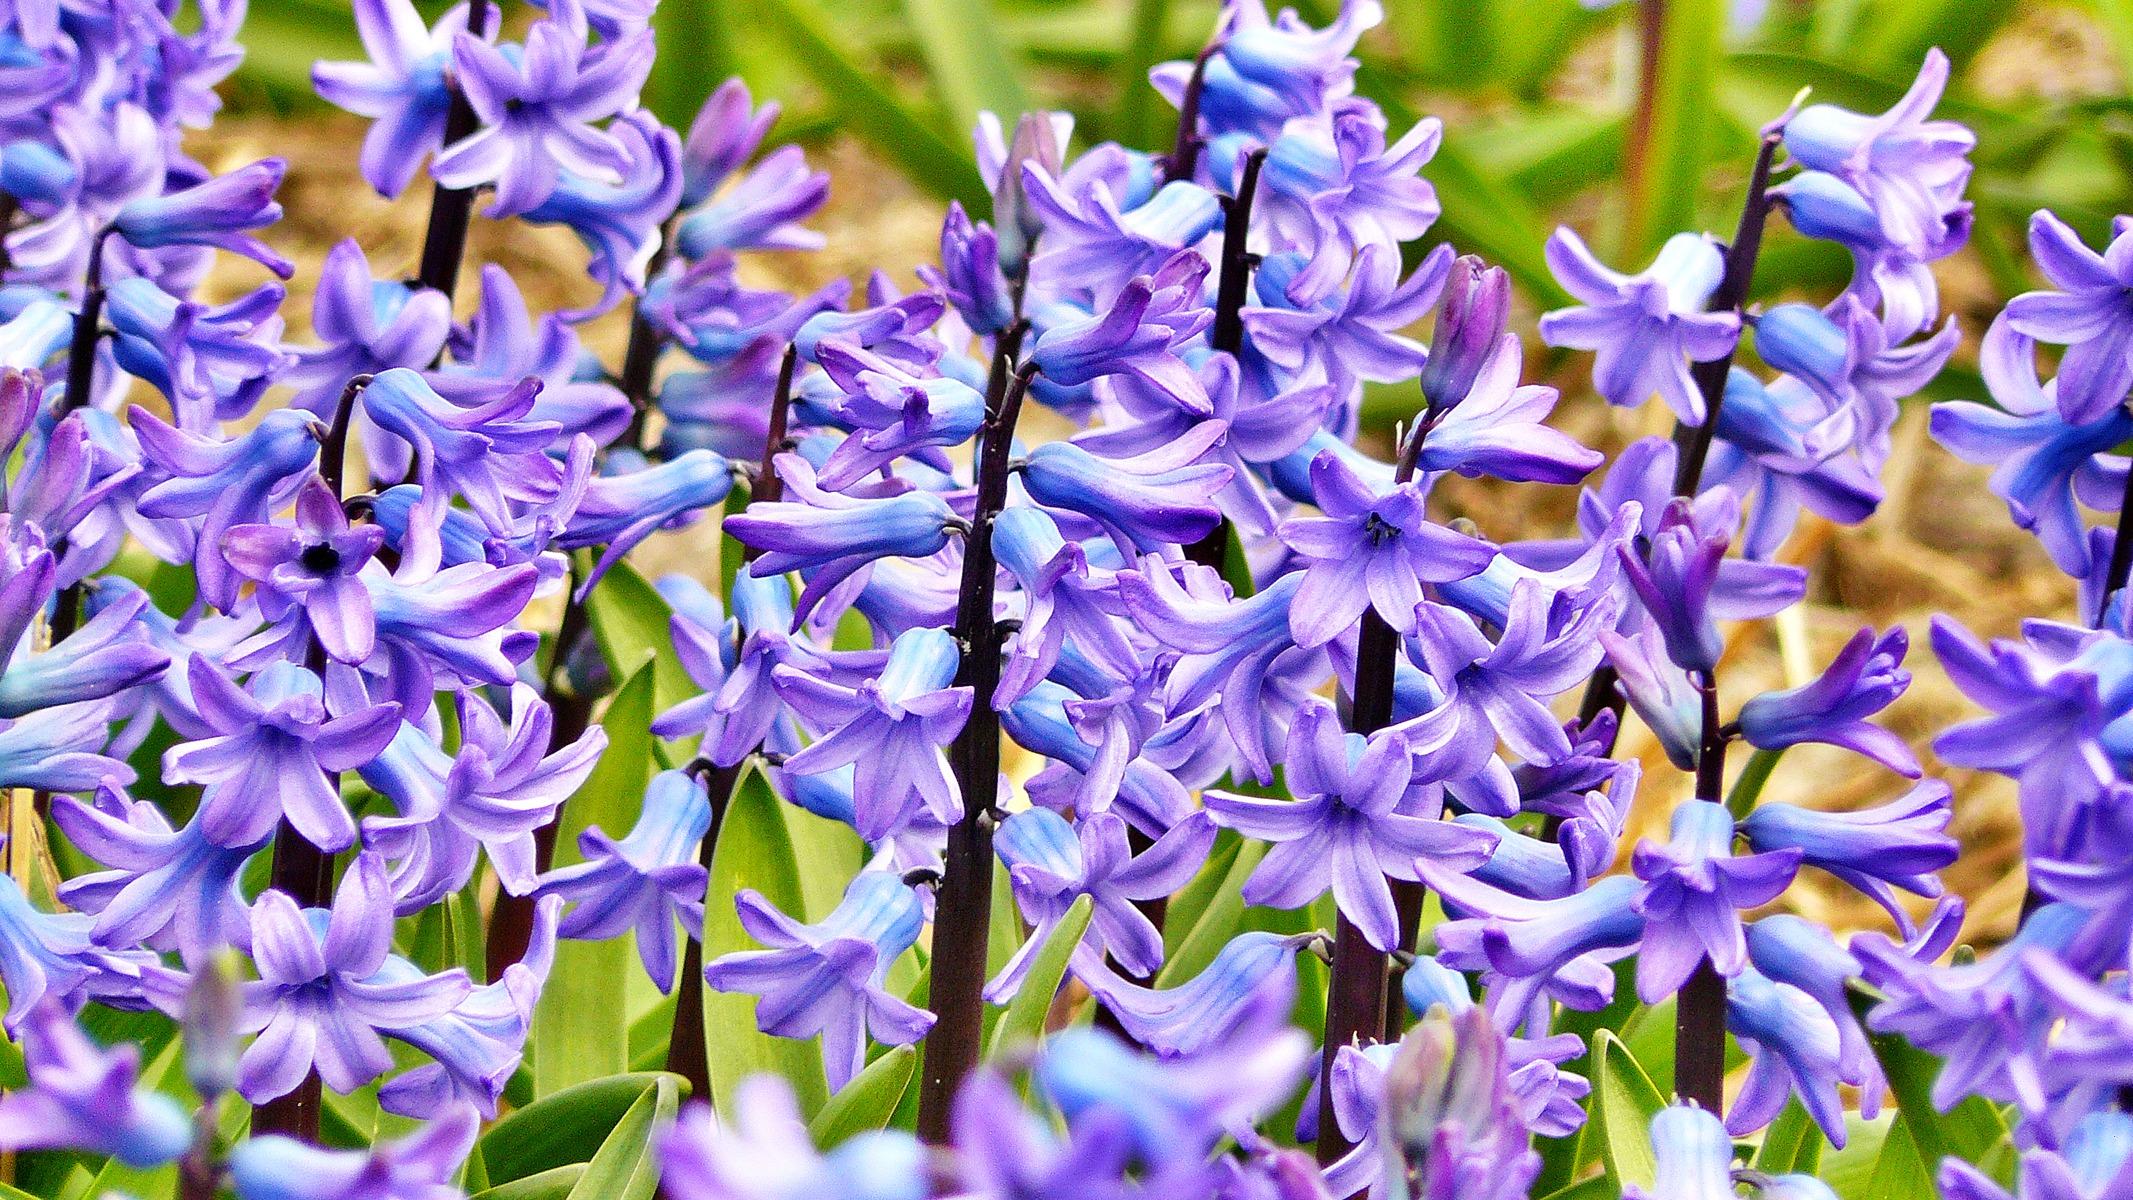 Poze Plantă Floare Violet Petală A Inflori Arc Verde